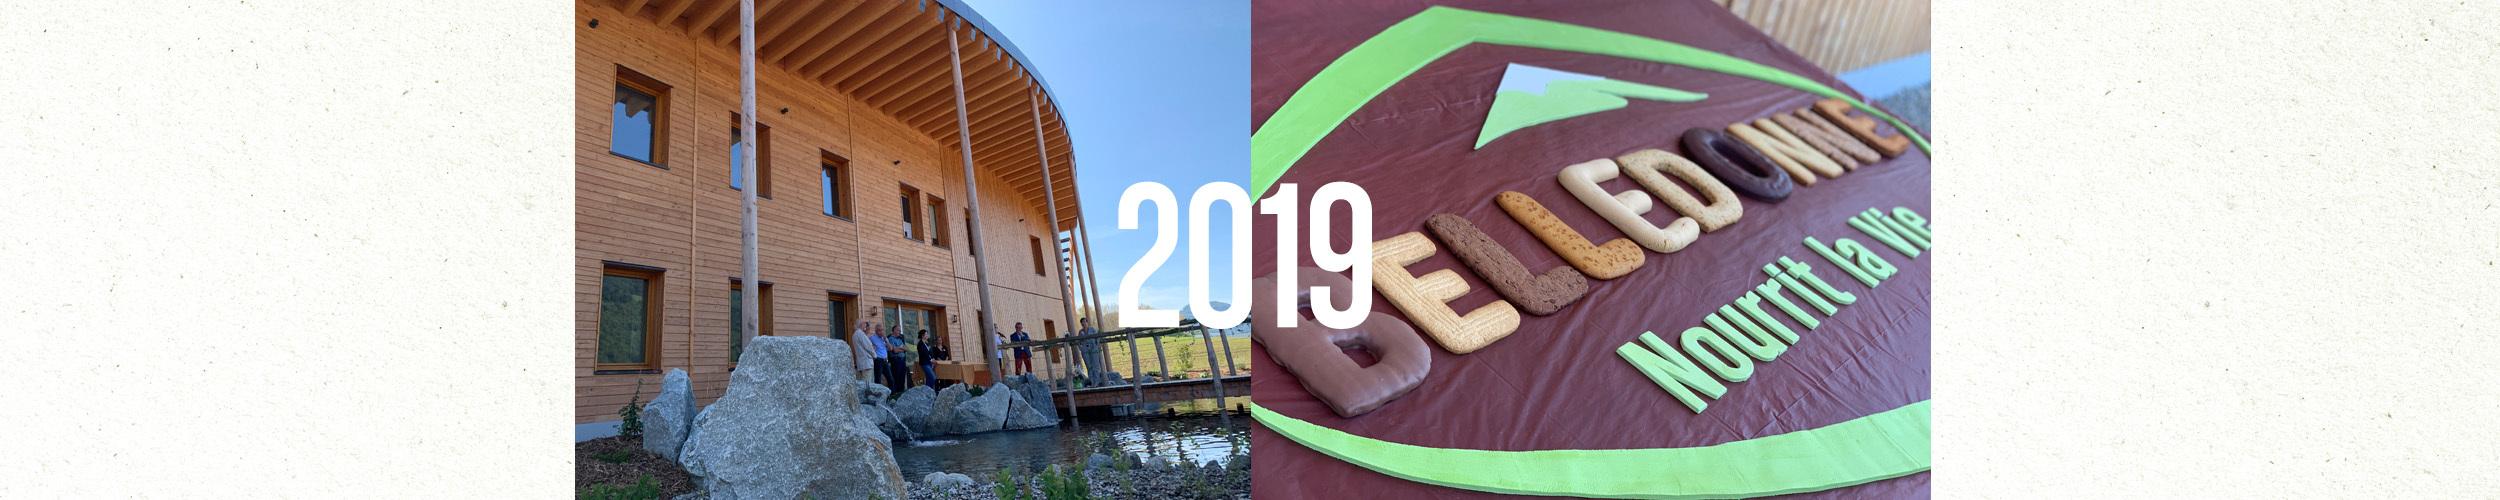 Carrousel Histoire 2019